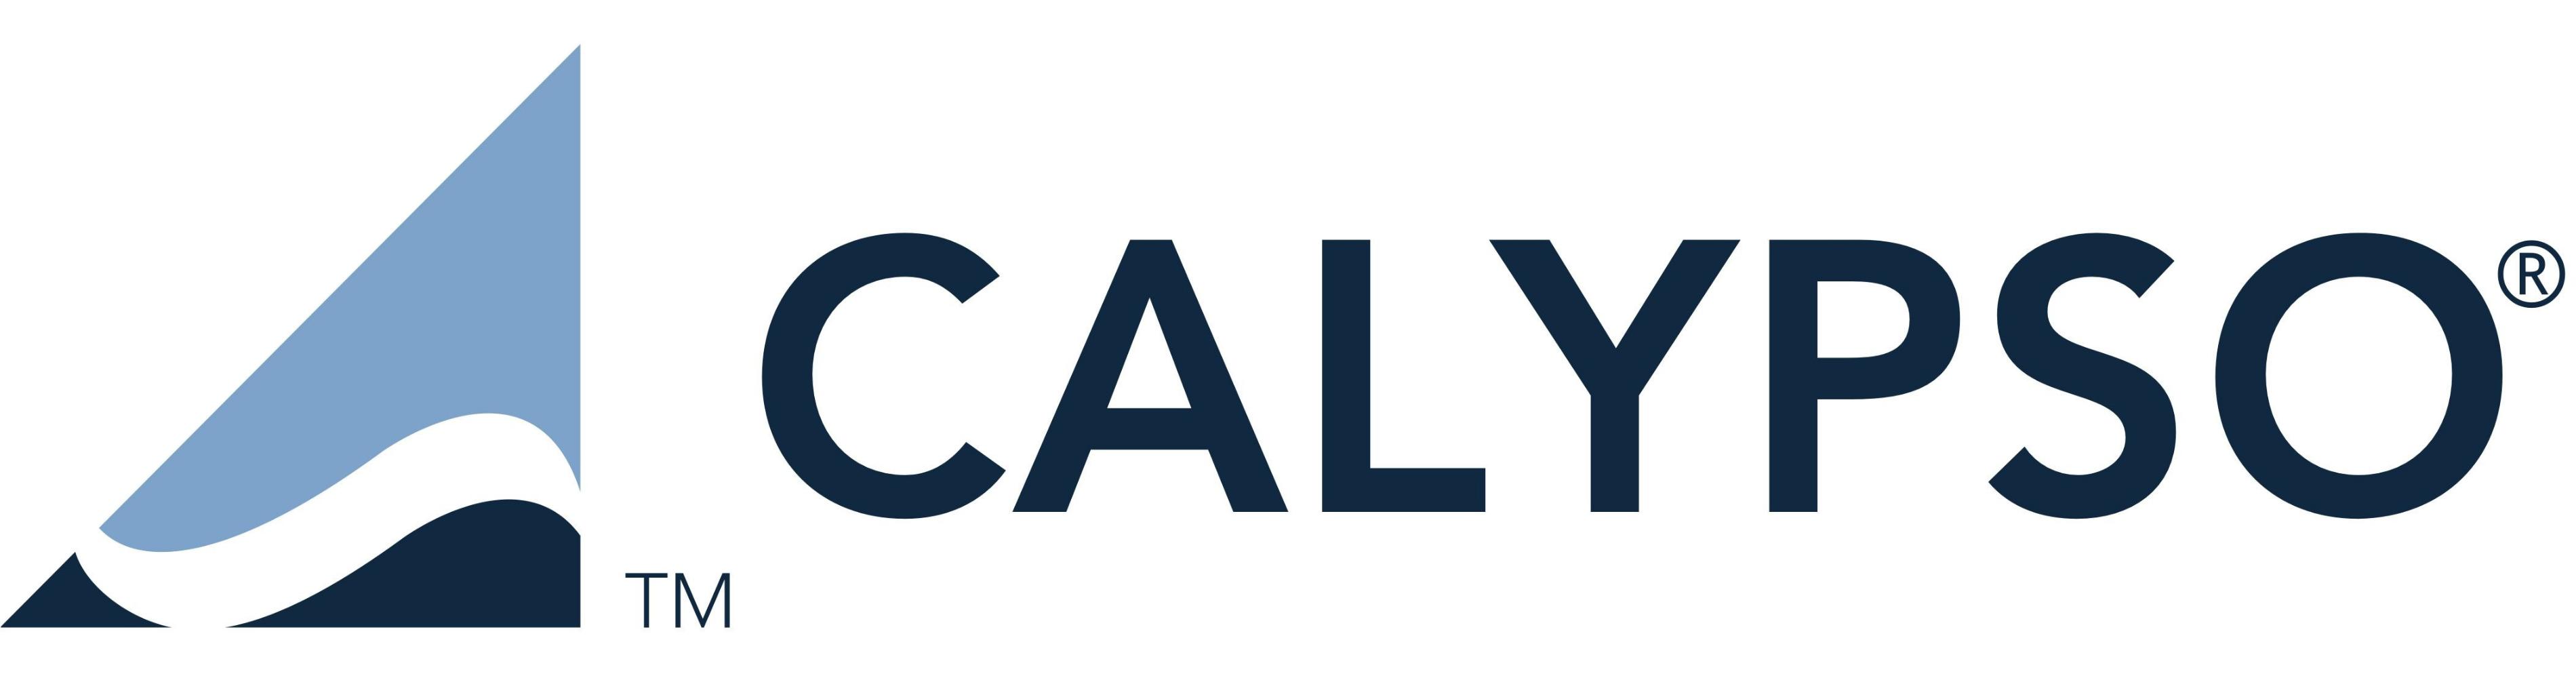 Calypso Technology logo